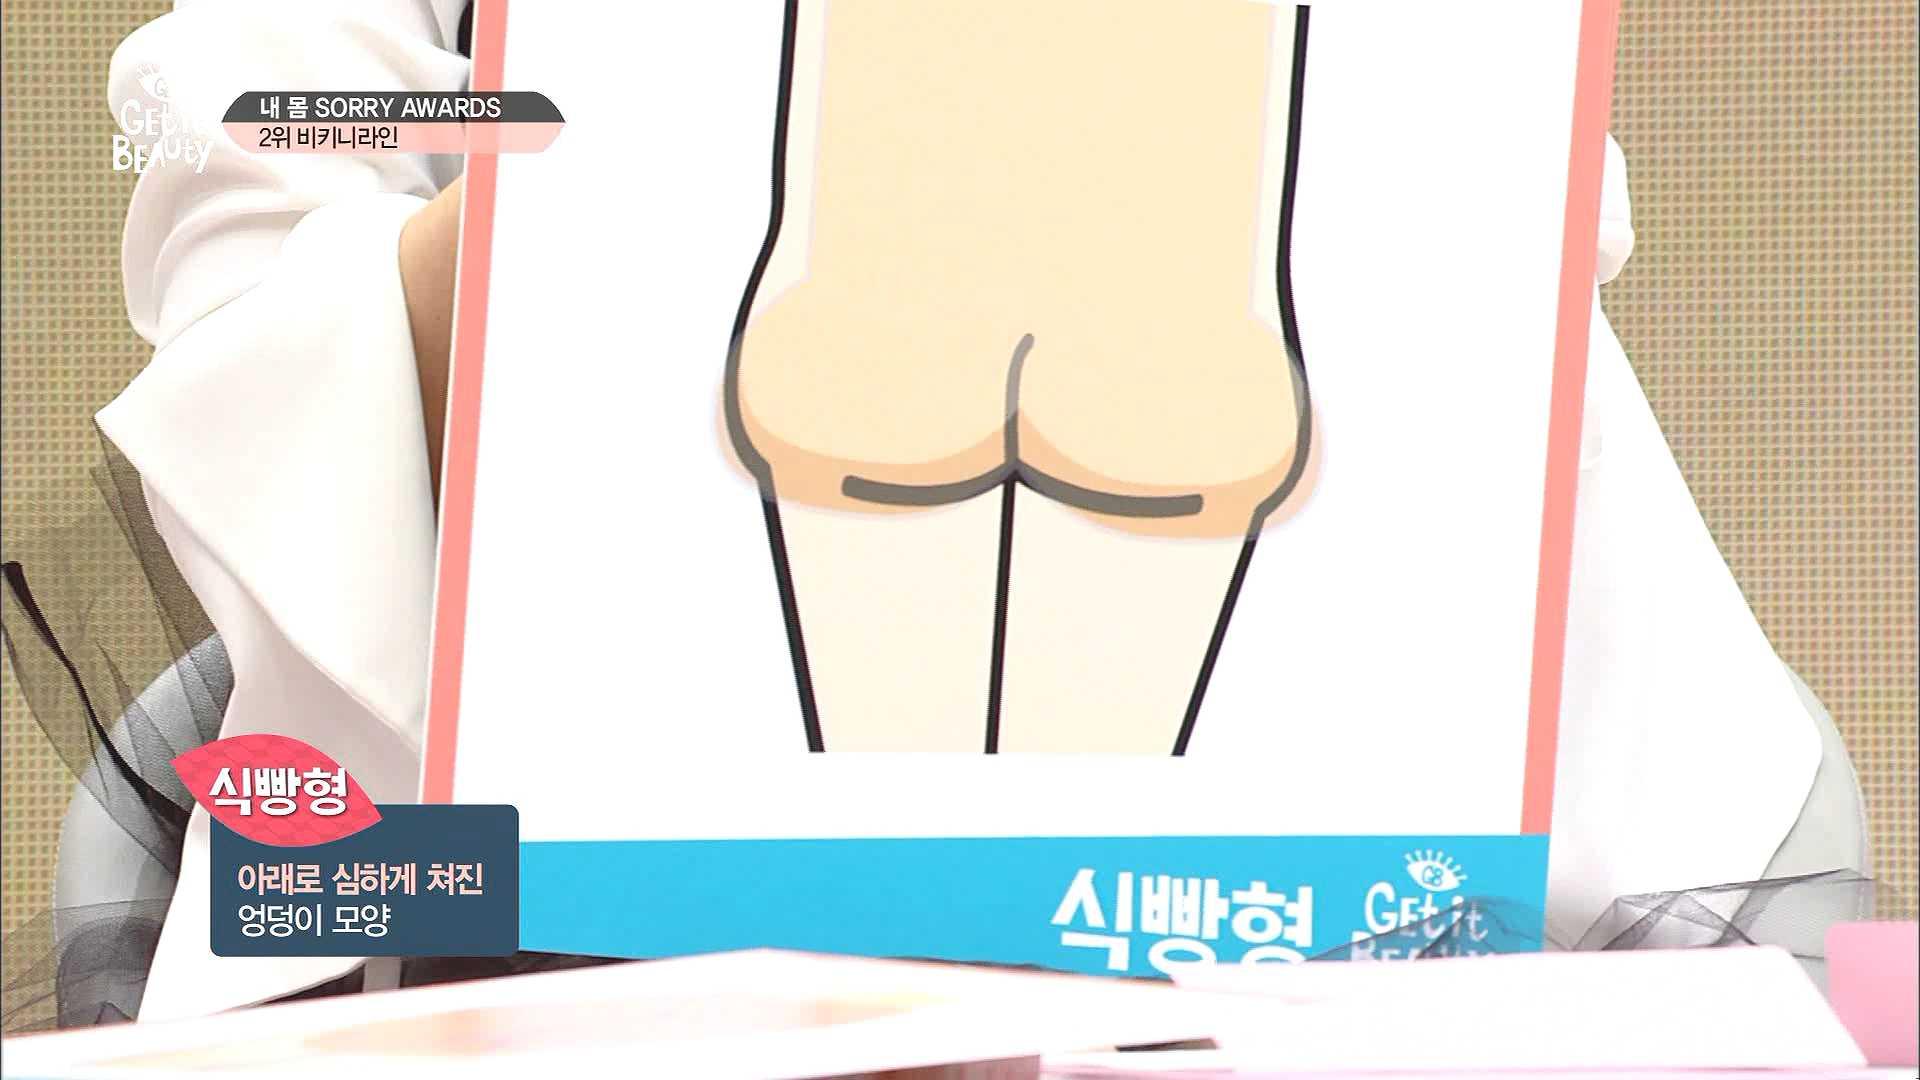 다음은 아래로 심~~~하게 쳐진 모양의 식빵형 엉덩이입니다!